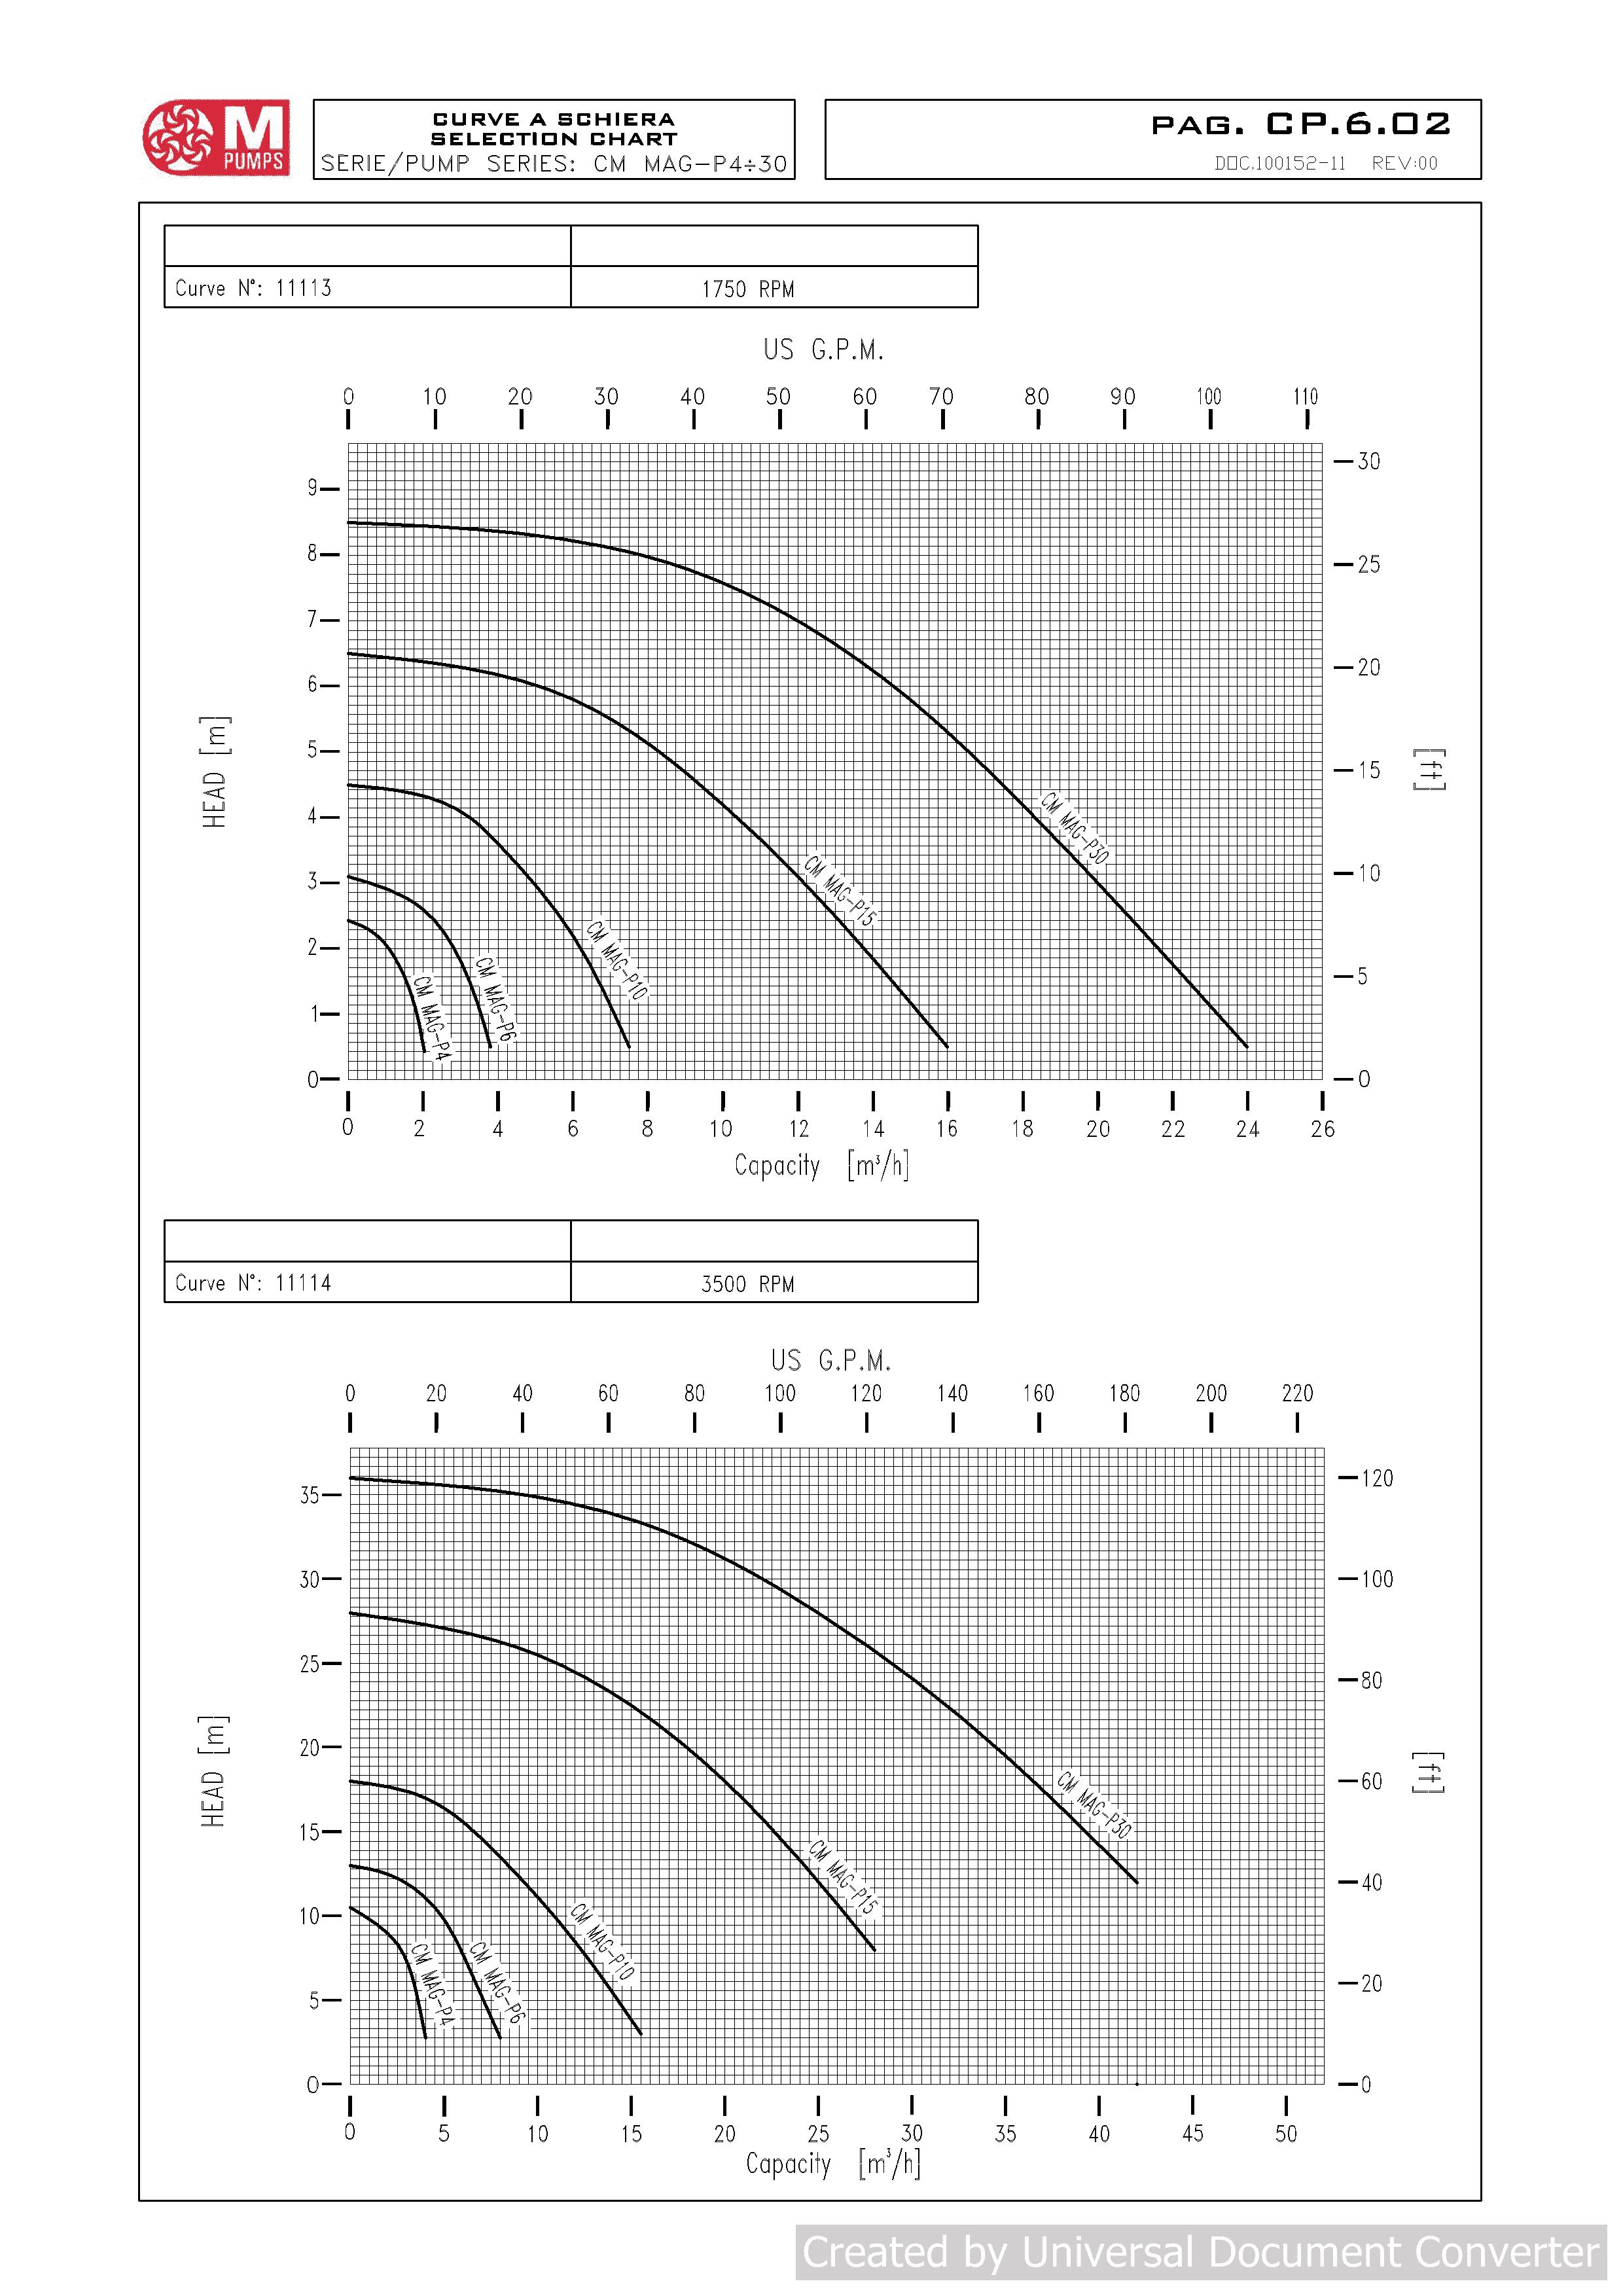 кривые cm-mag-p